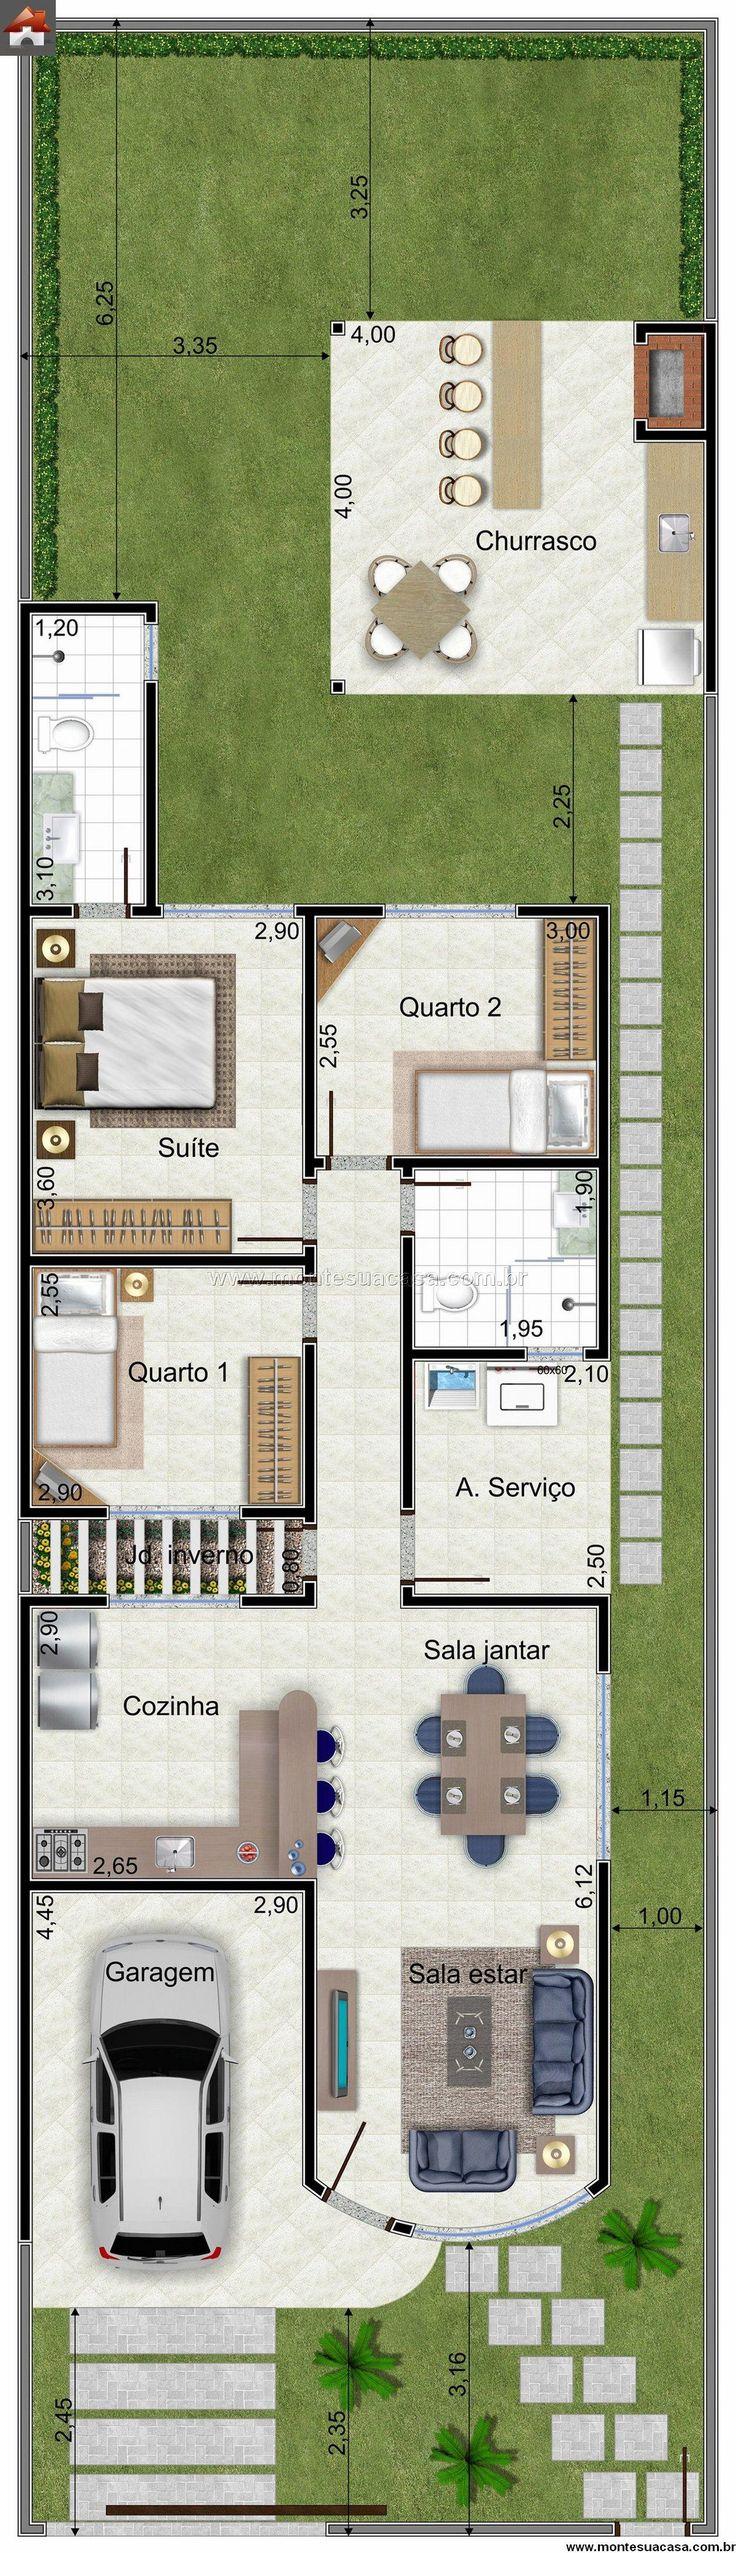 Planos para dise ar la distribucion de tu casa 1 curso - Disenar planos de casas ...